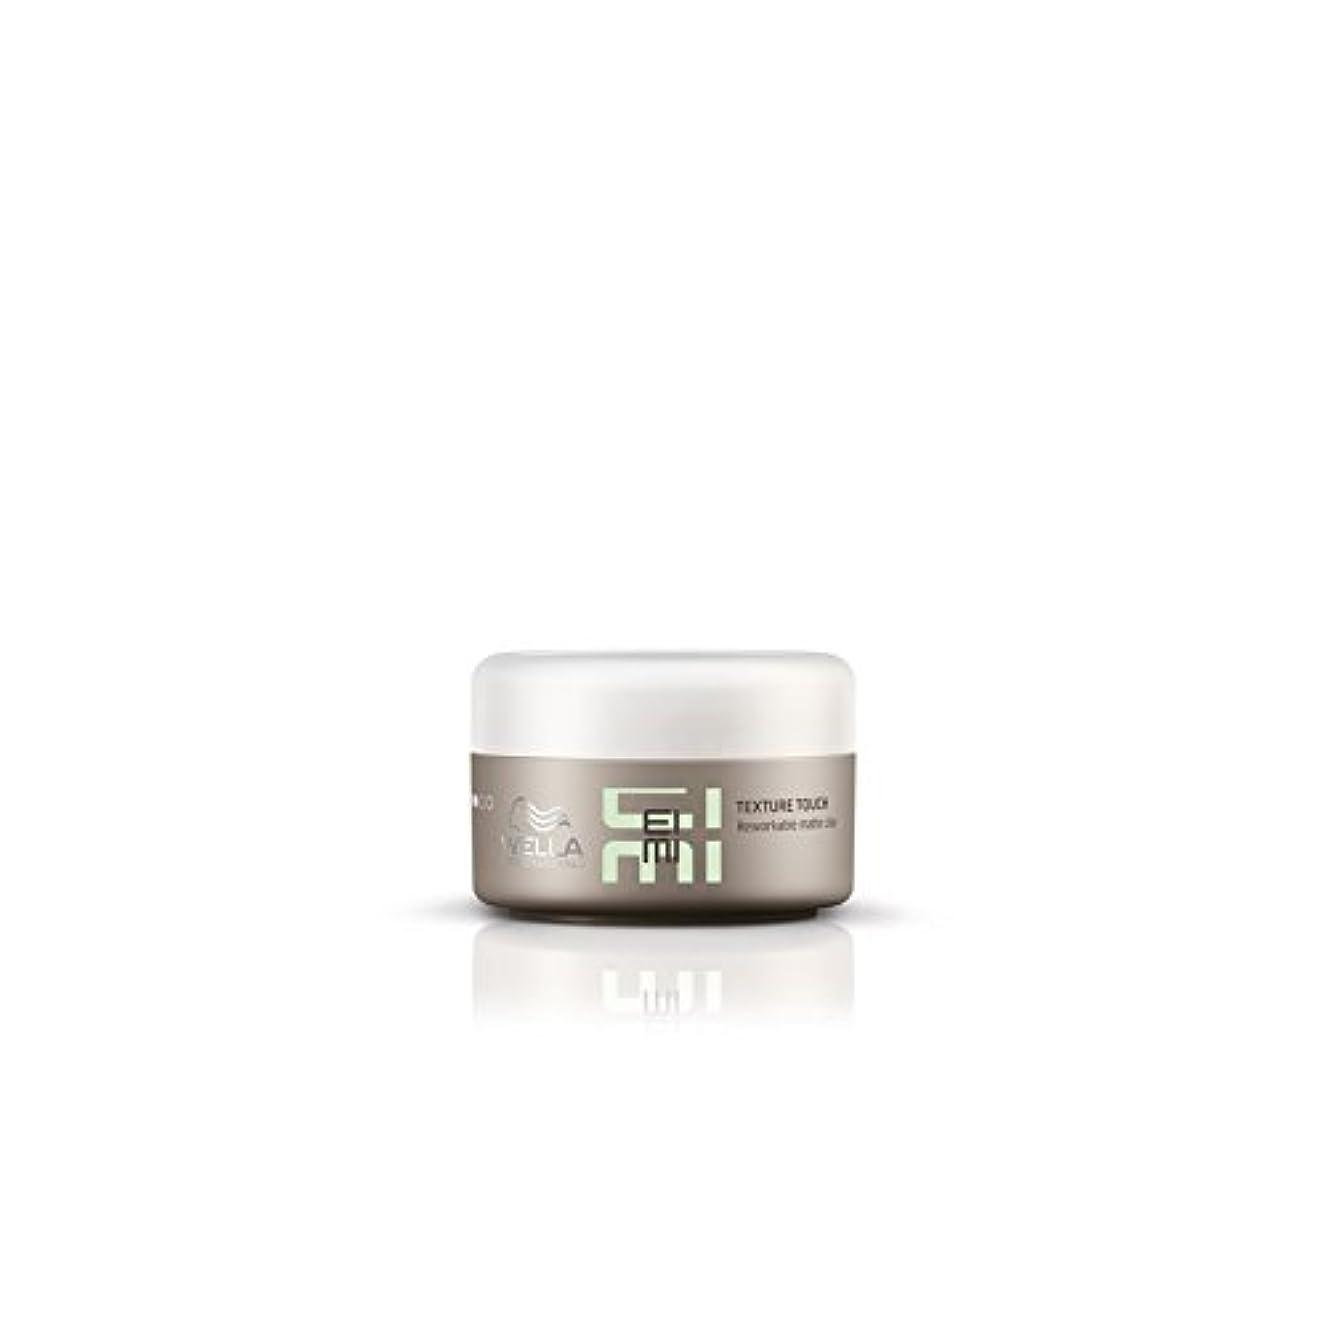 事前スキーワインウエラ専門家テクスチャタッチ粘土(75ミリリットル) x2 - Wella Professionals Eimi Texture Touch Clay (75ml) (Pack of 2) [並行輸入品]